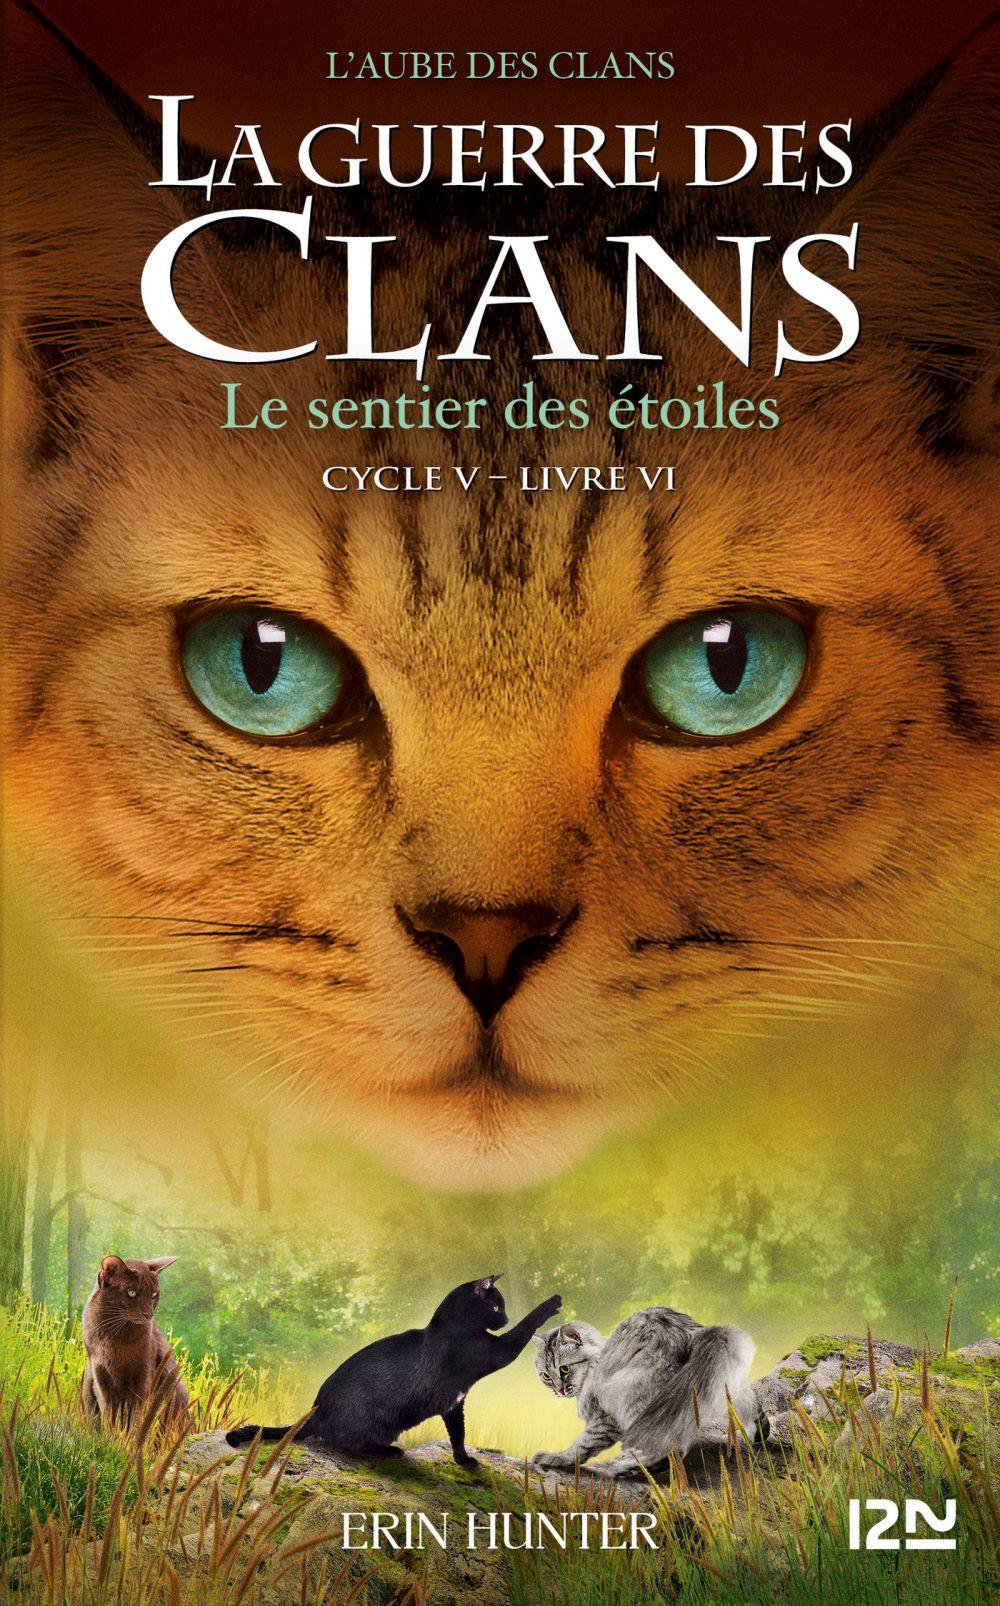 La guerre des Clans, Cycle V - tome 06 : Le sentier des étoiles | HUNTER, Erin. Auteur